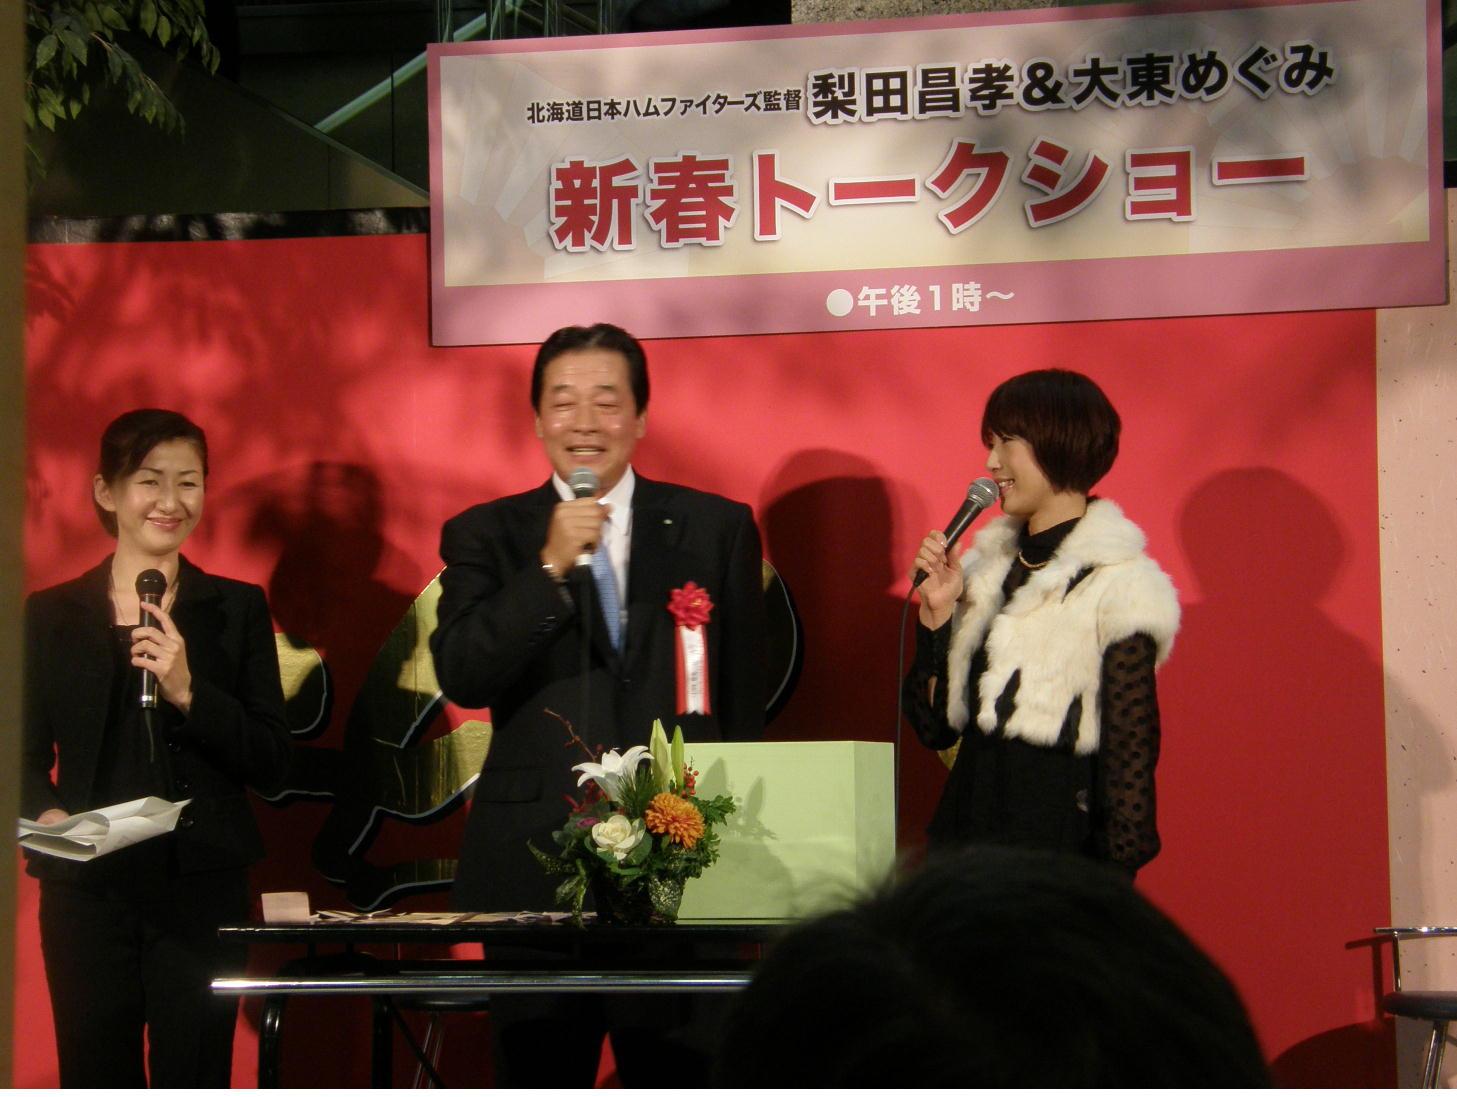 20080103nashidaoohigashi